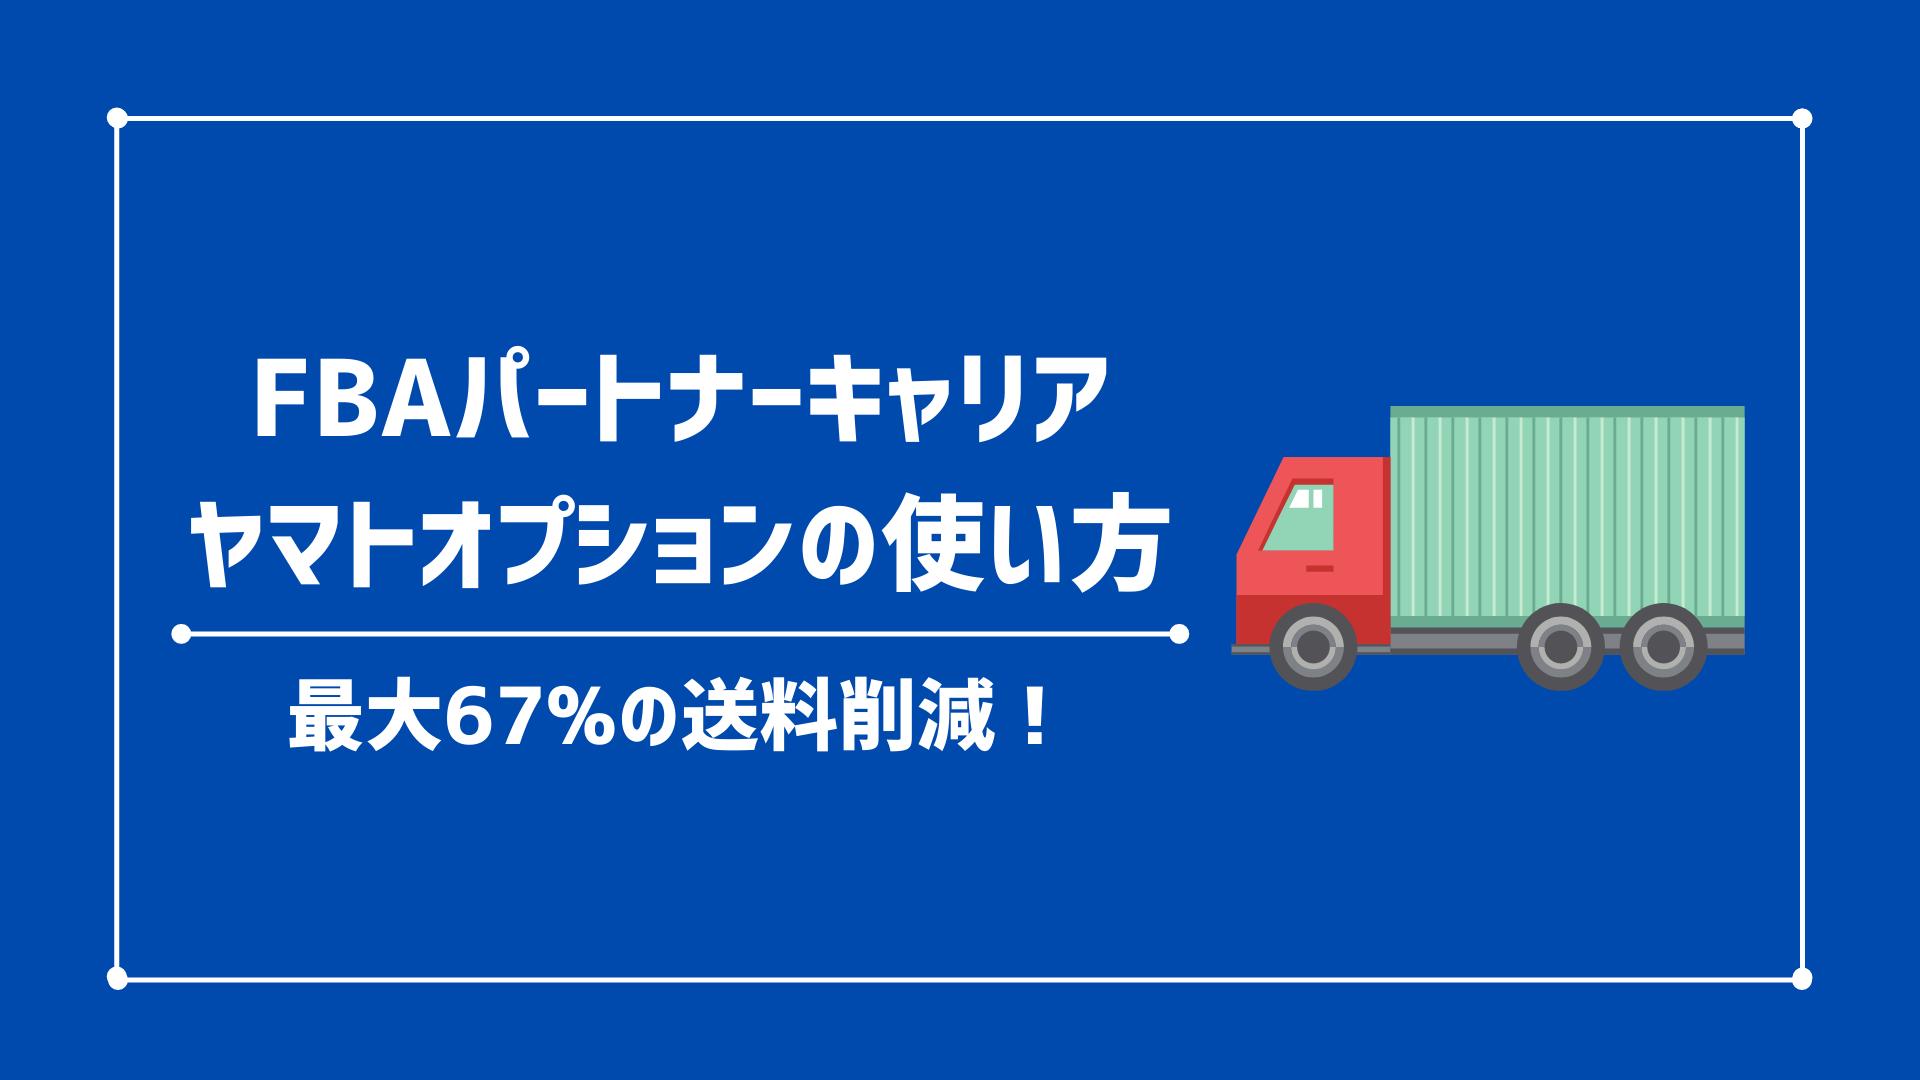 【2021年/最新】FBAパートナーキャリア・ヤマトオプションの使い方/専用ラベル台紙・集荷の方法まで画像付きで設定解説!